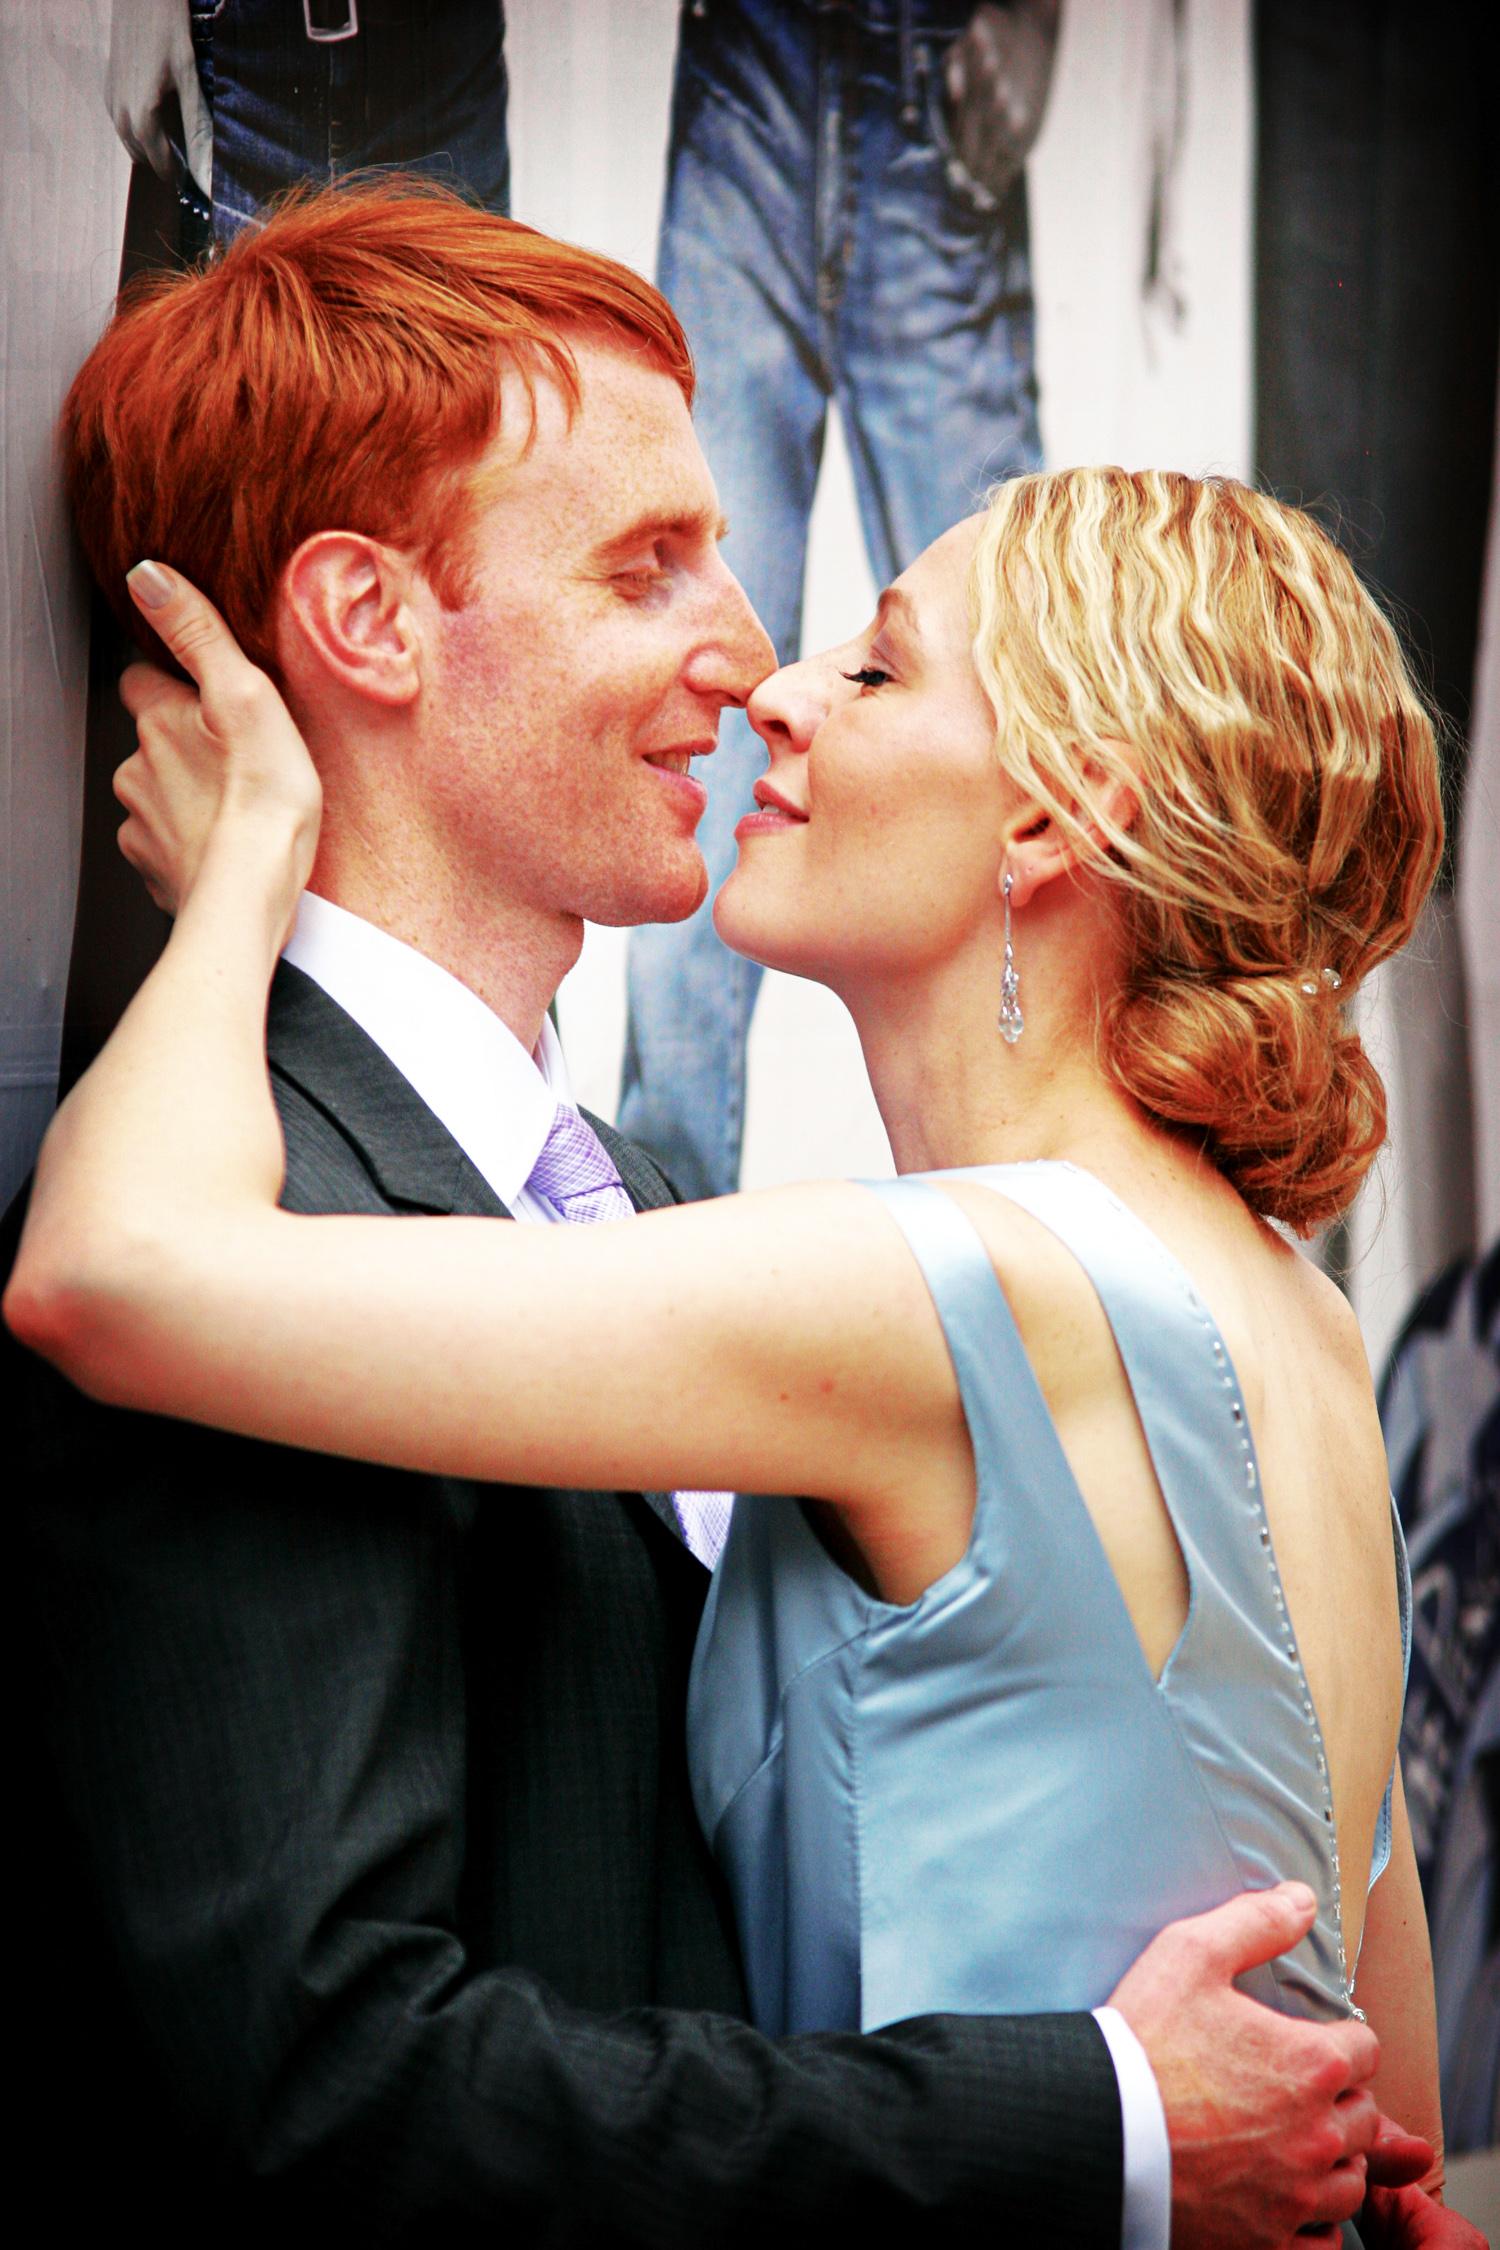 SoHo_New_York_City_Wedding_044.JPG